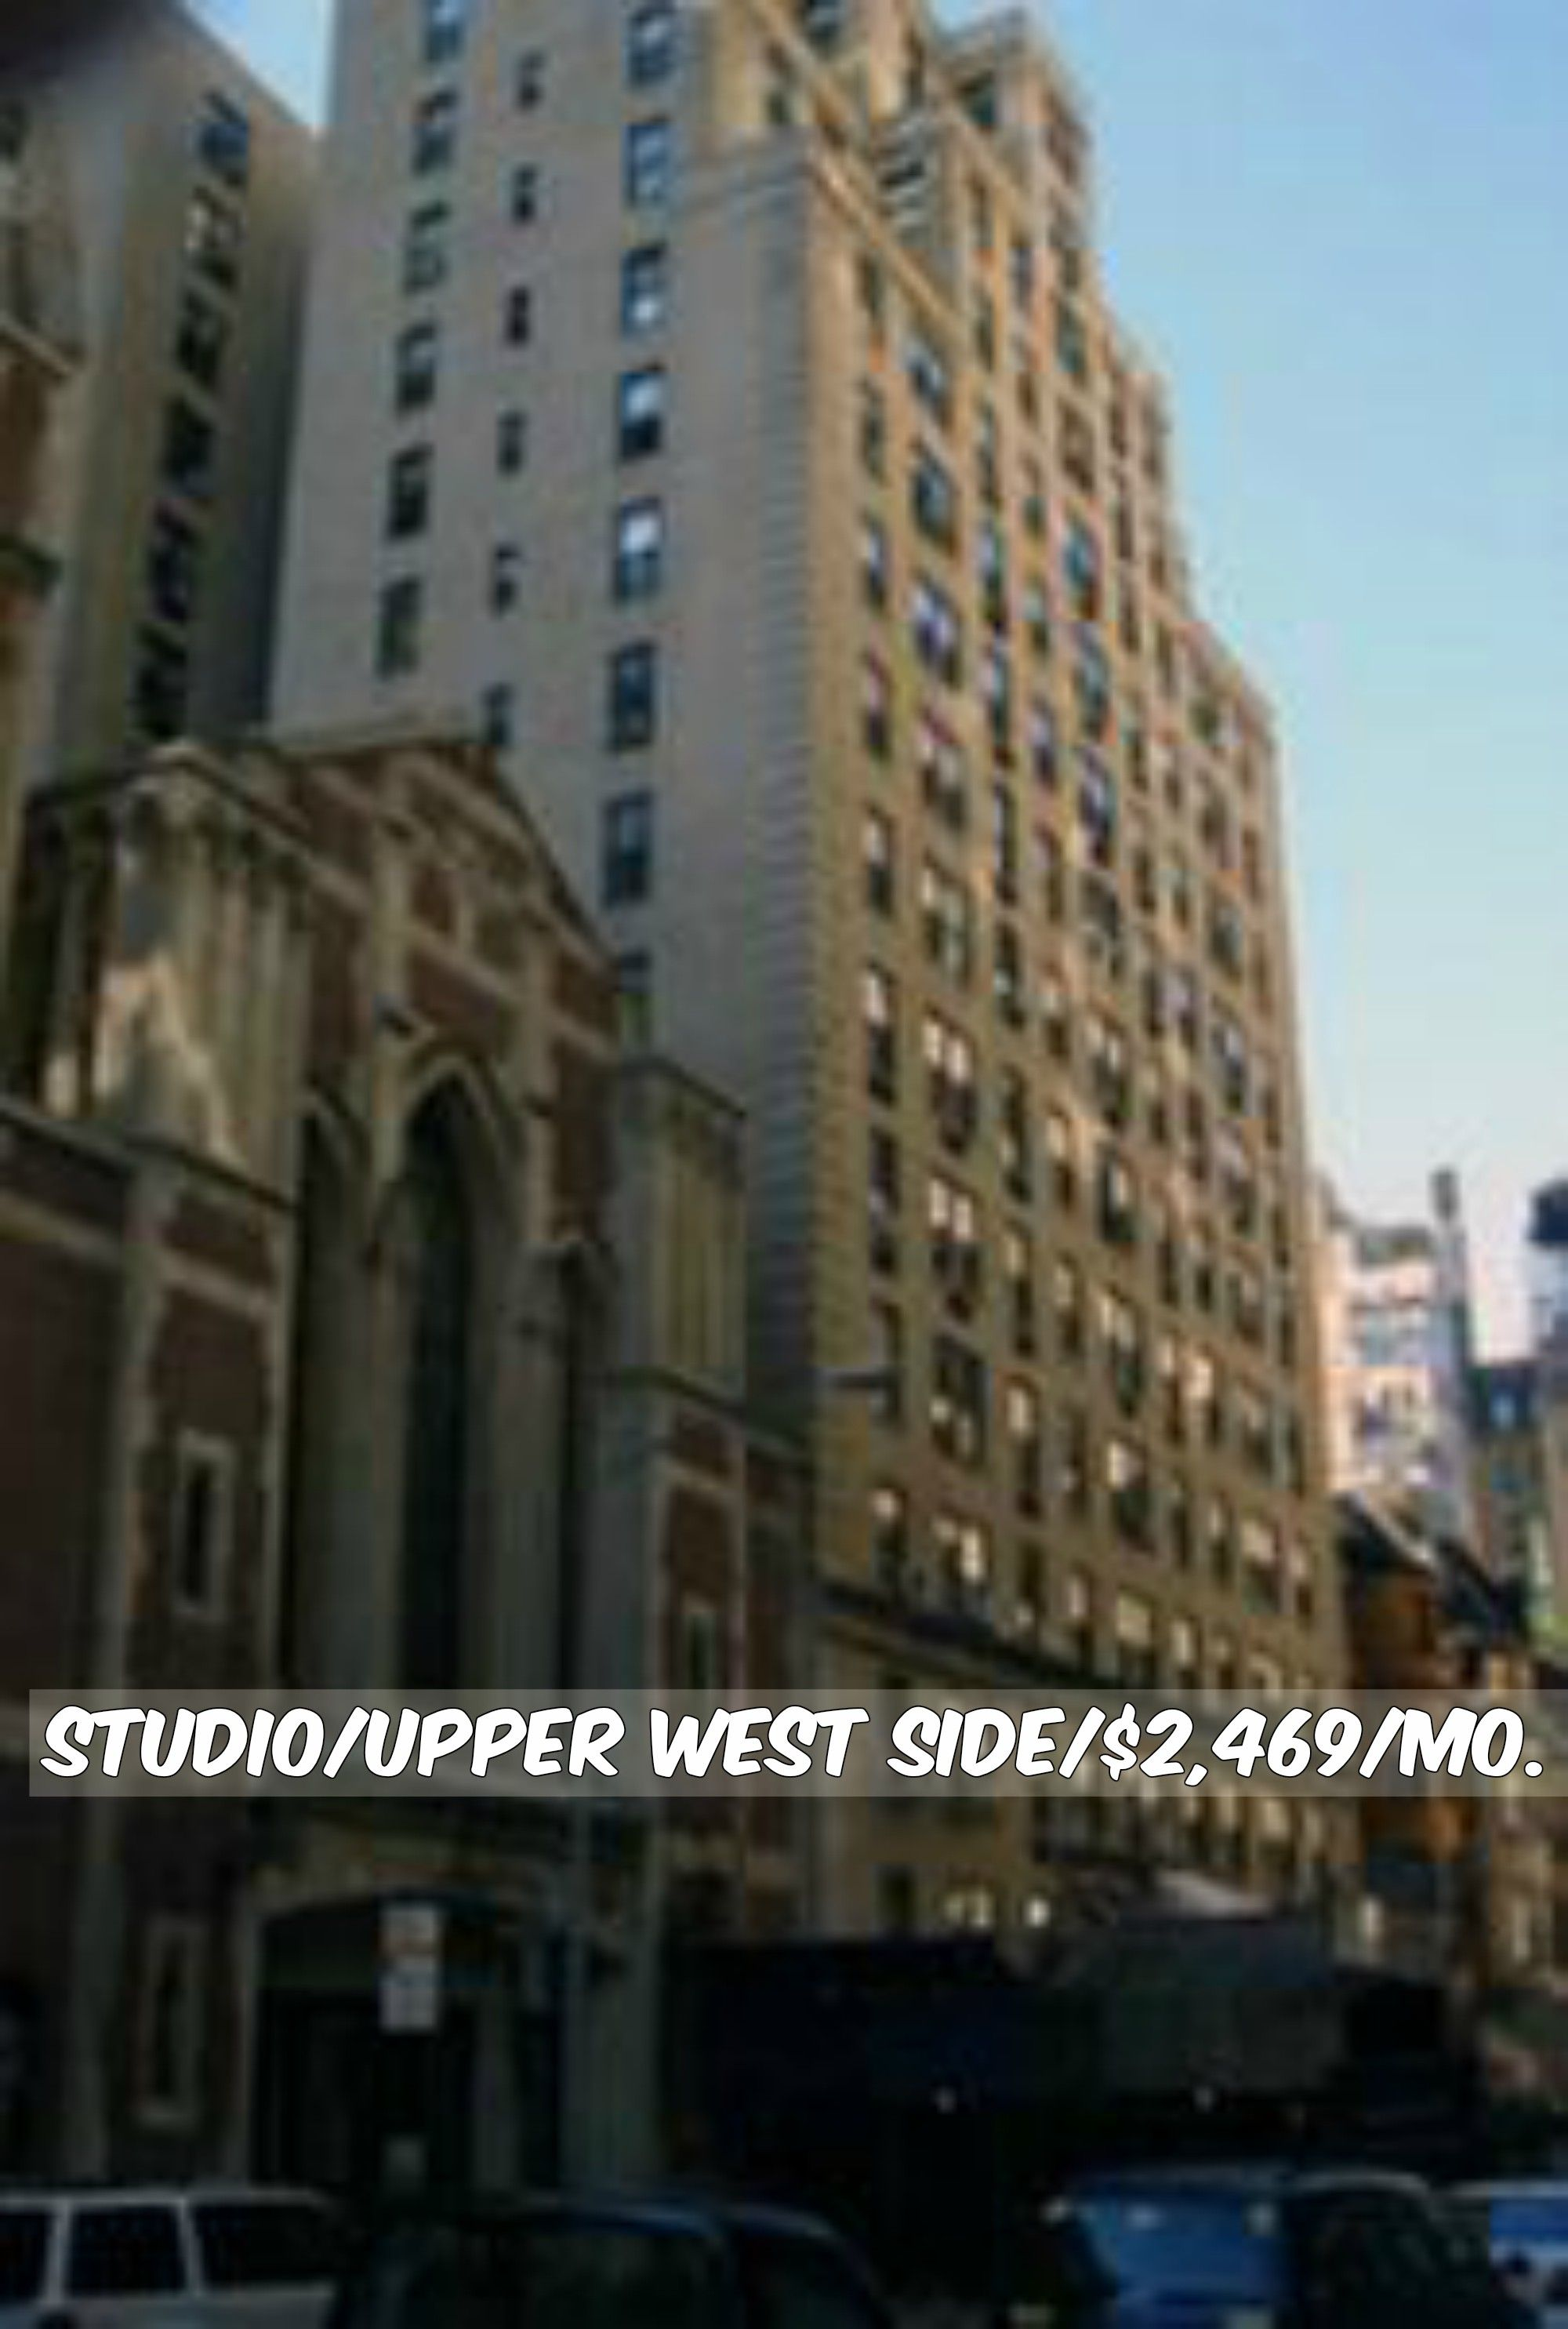 Studio Apt For Rent In Upper West Side At 2 469 Mo Doorman